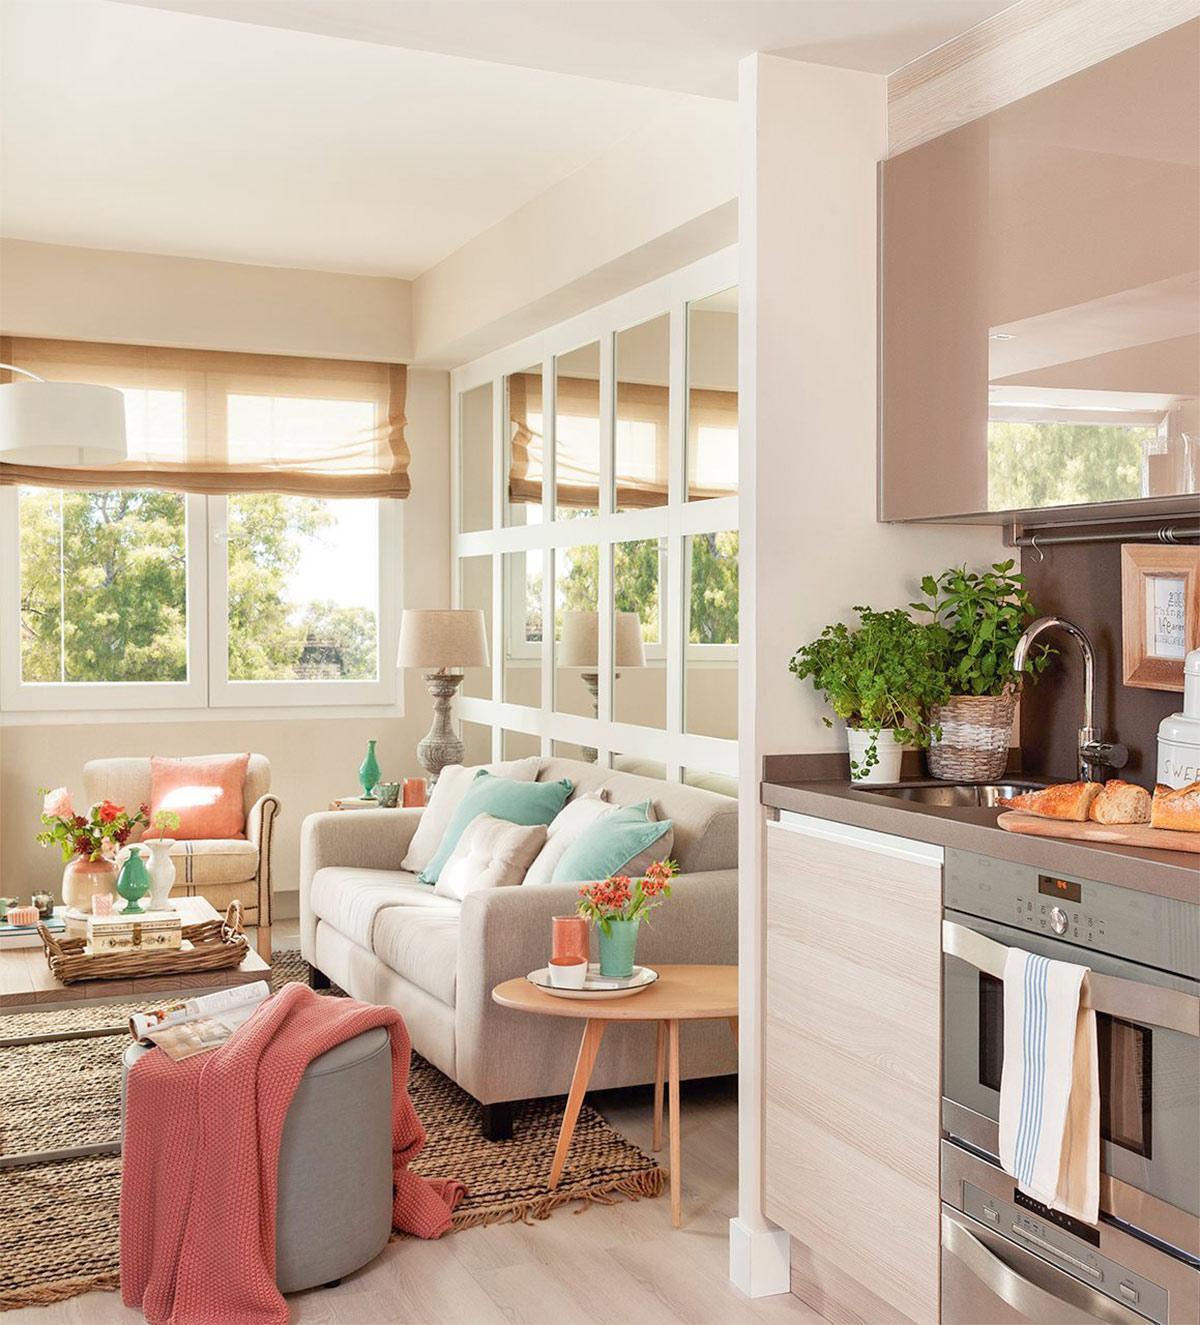 phòng bếp trong thiết kế chung cư